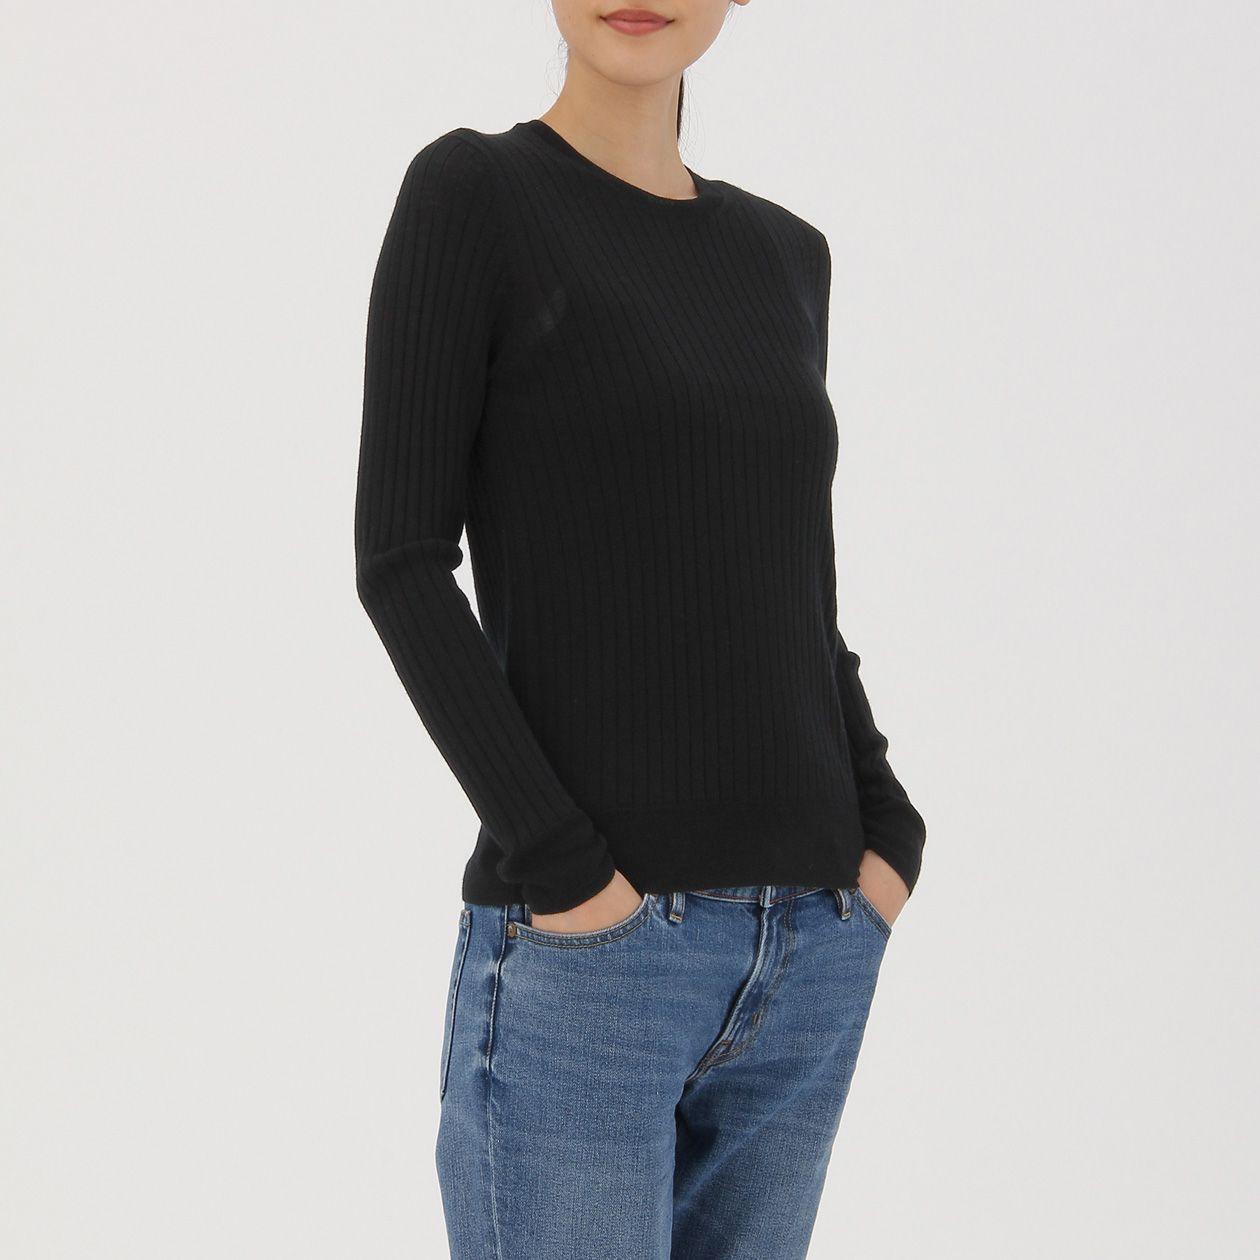 ウールシルク洗えるワイドリブクルーネックセーター 婦人XS・黒 | 無印良品ネットストア